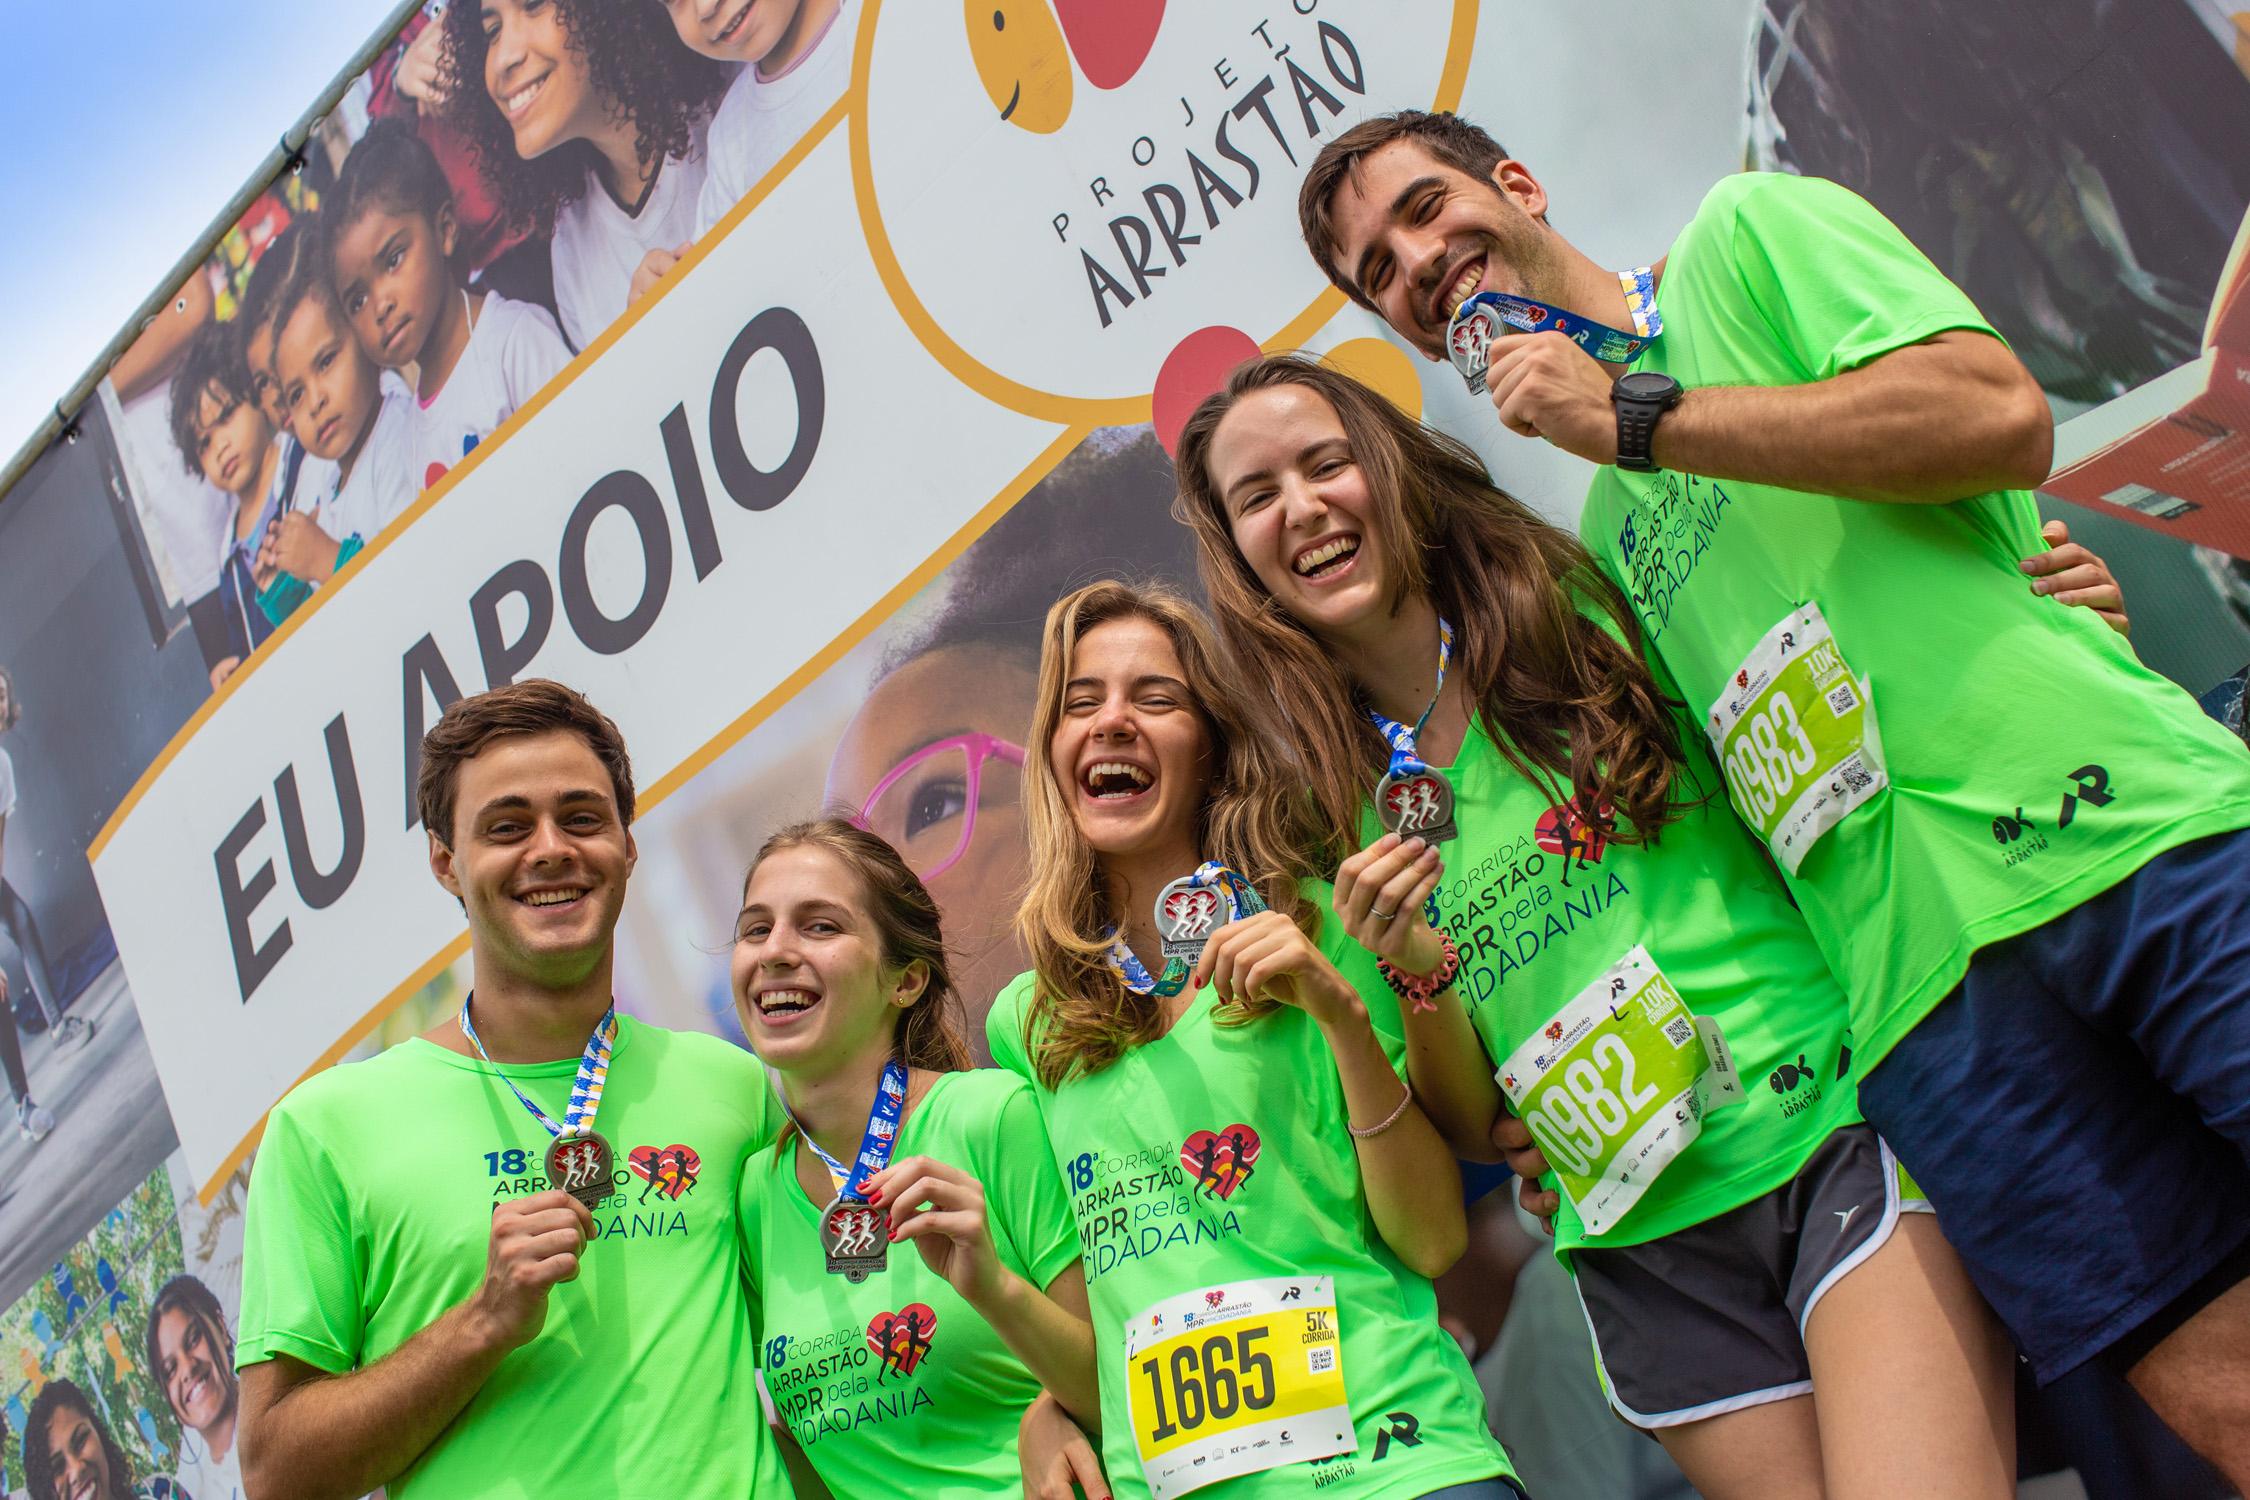 Corrida Arrastão MPR: corrida em prol do Projeto Arrastão será virtual; veja como participar